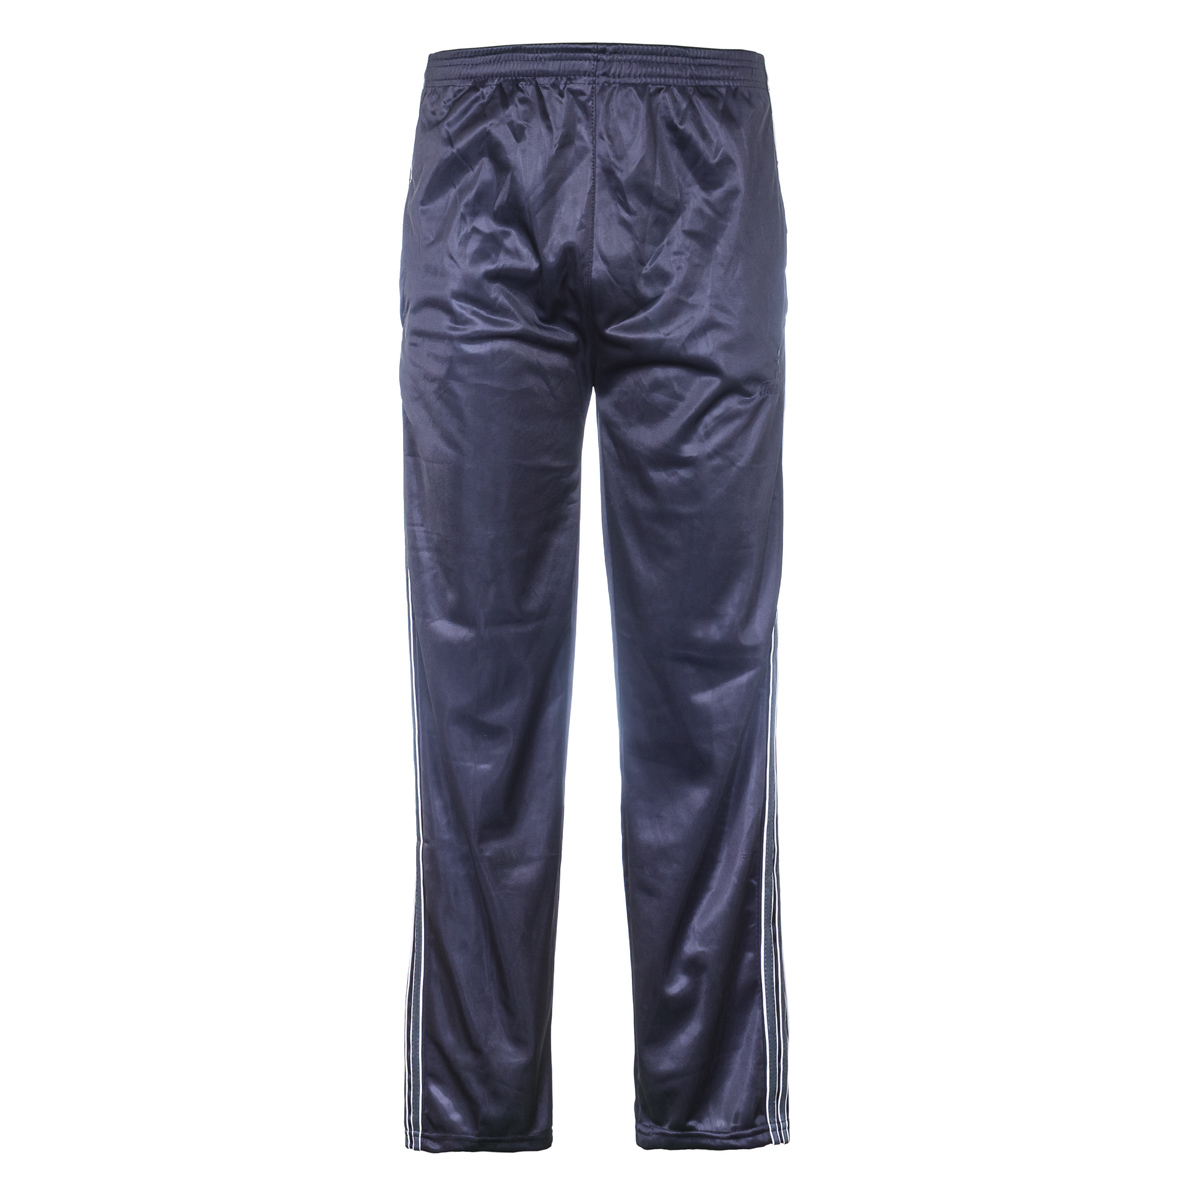 Муж. брюки арт. 12-0064 р. 54 - Мужская одежда артикул: 26410